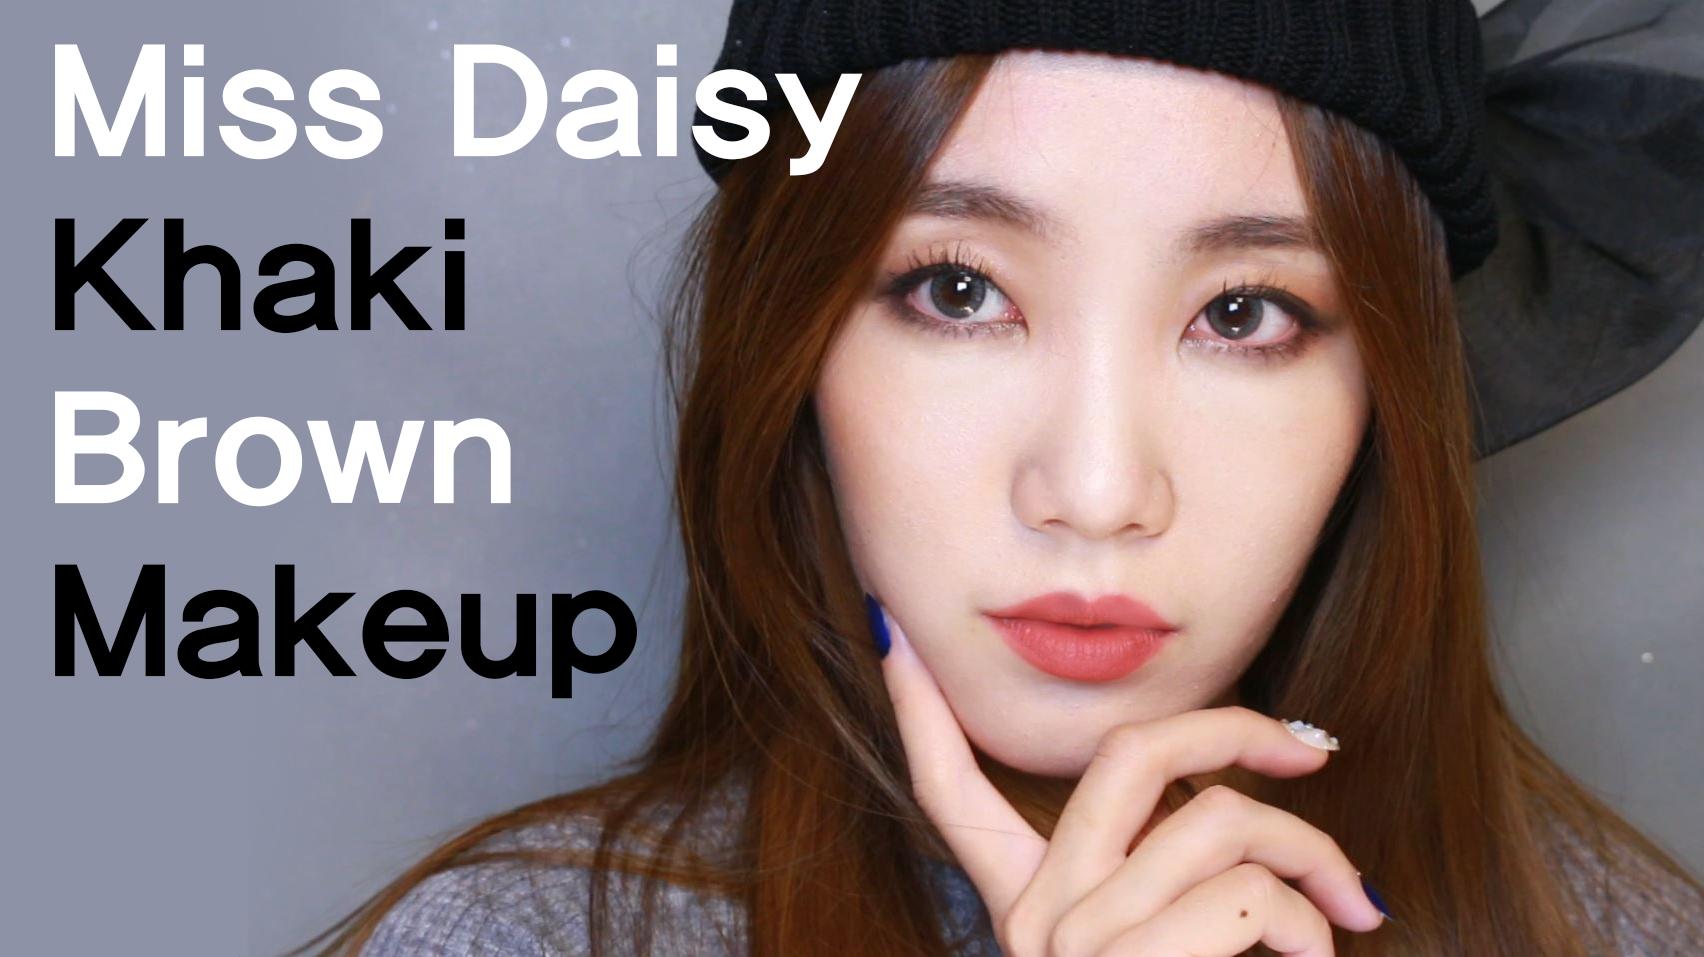 미스데이지의 Khaki Brown makeup 카키 브라운을 활용한 메이크업!